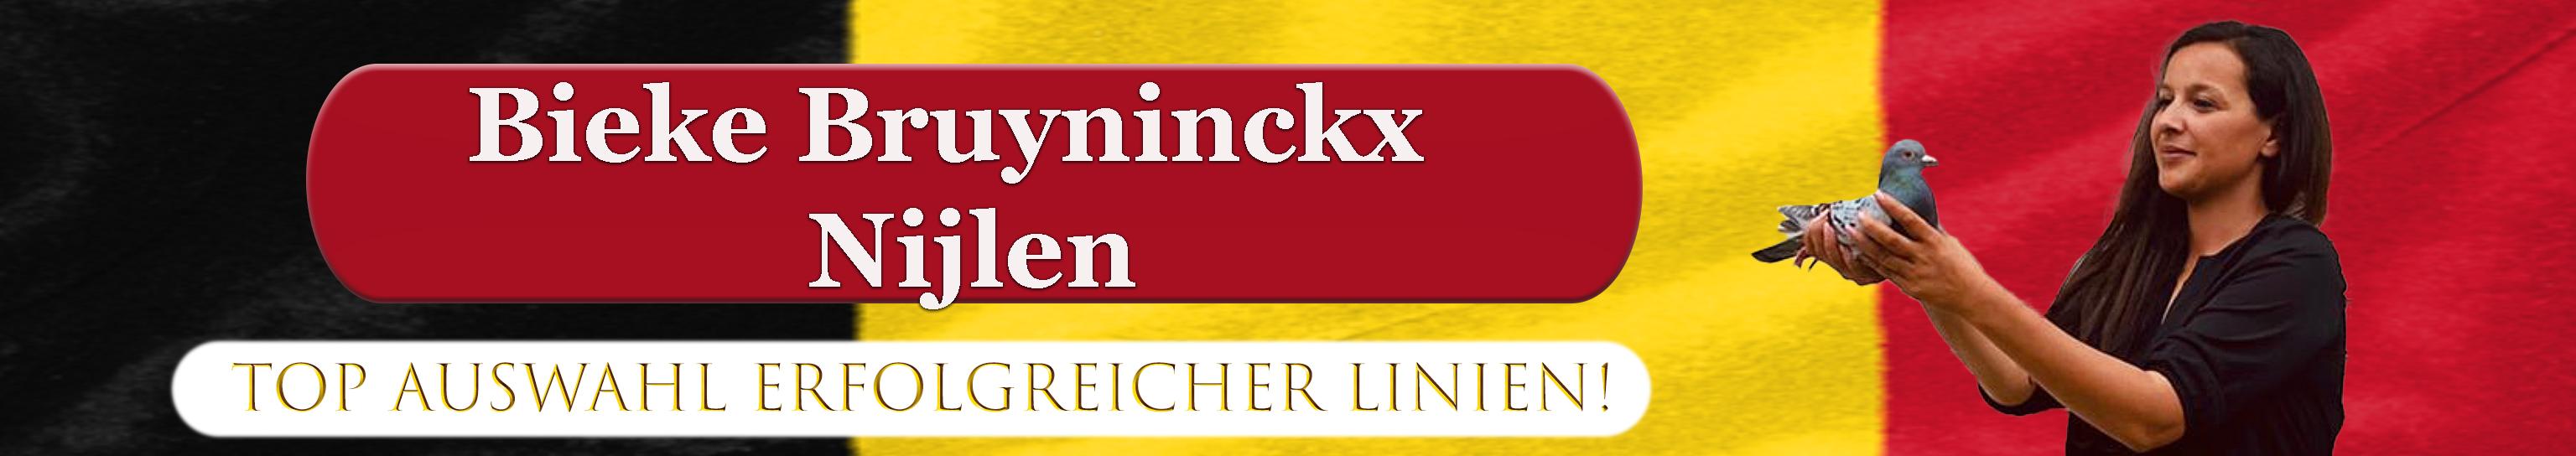 Bieke_Bruyninckx.jpg - 651,22 kB